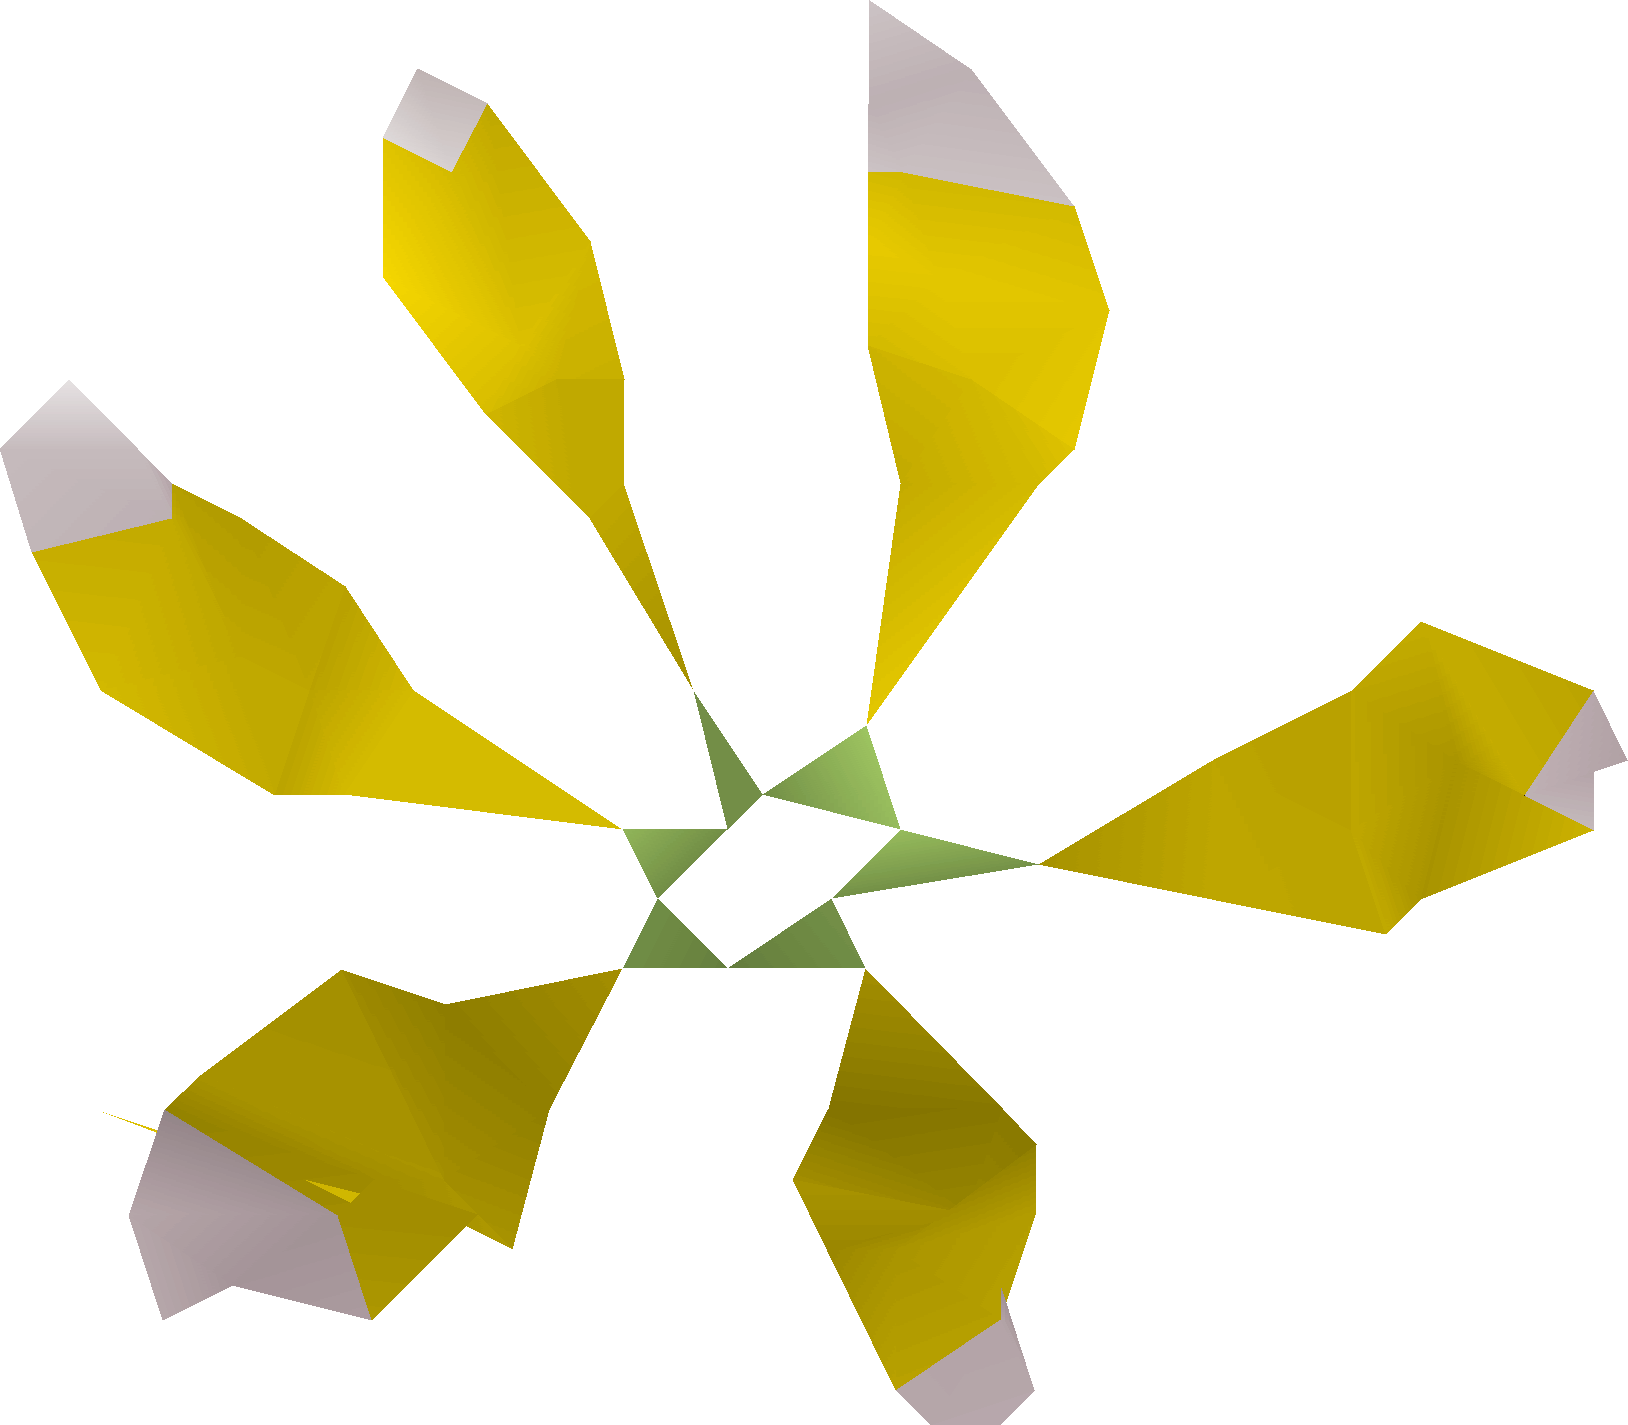 Star flower detail